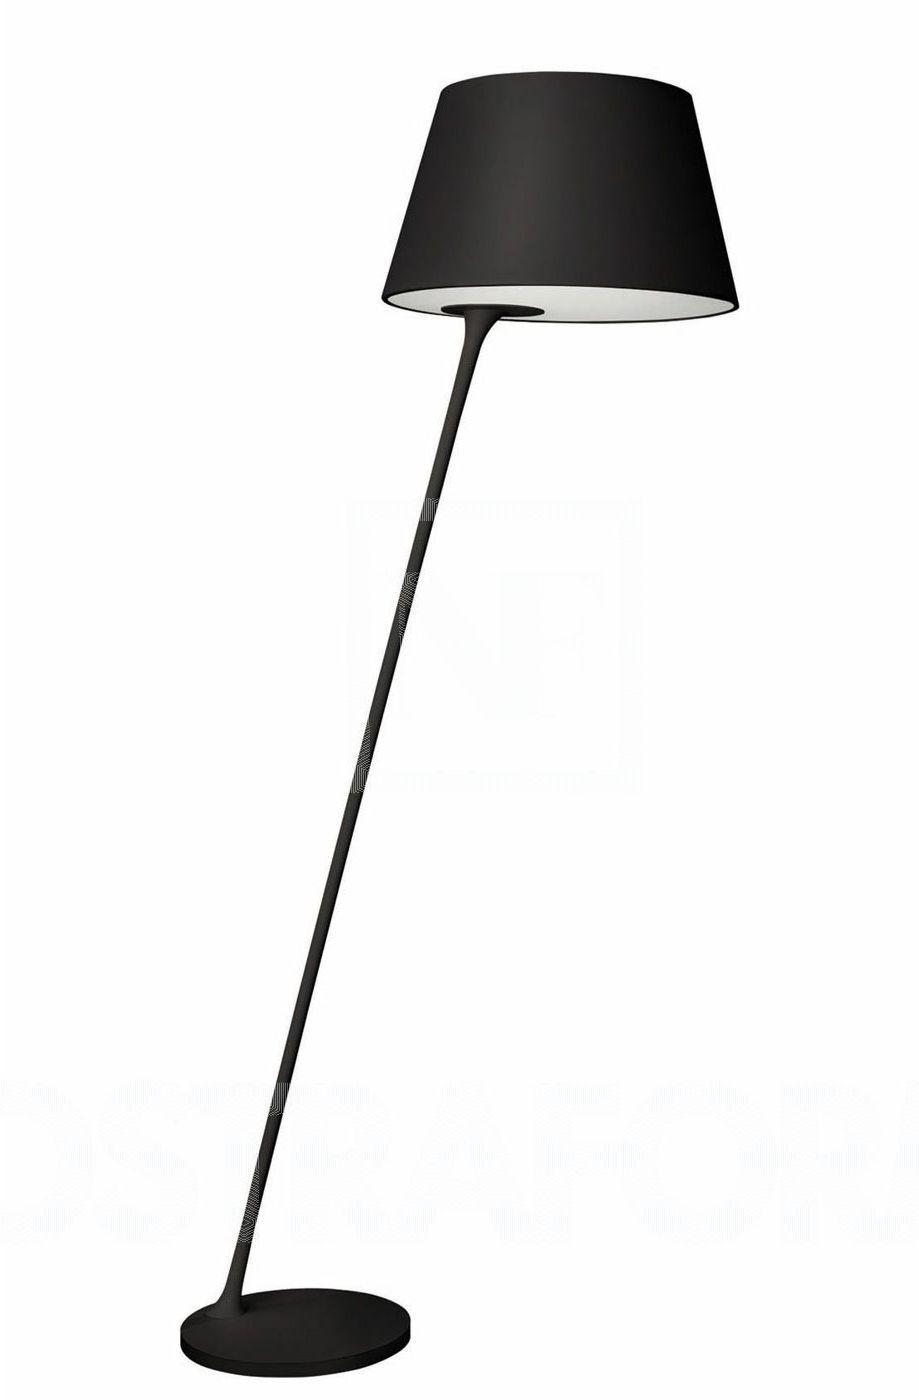 Contemporary Fabric Floor Lamp Posada Lirio Floor Standing Lamps Contemporary Floor Lamps Contemporary Lamp Design